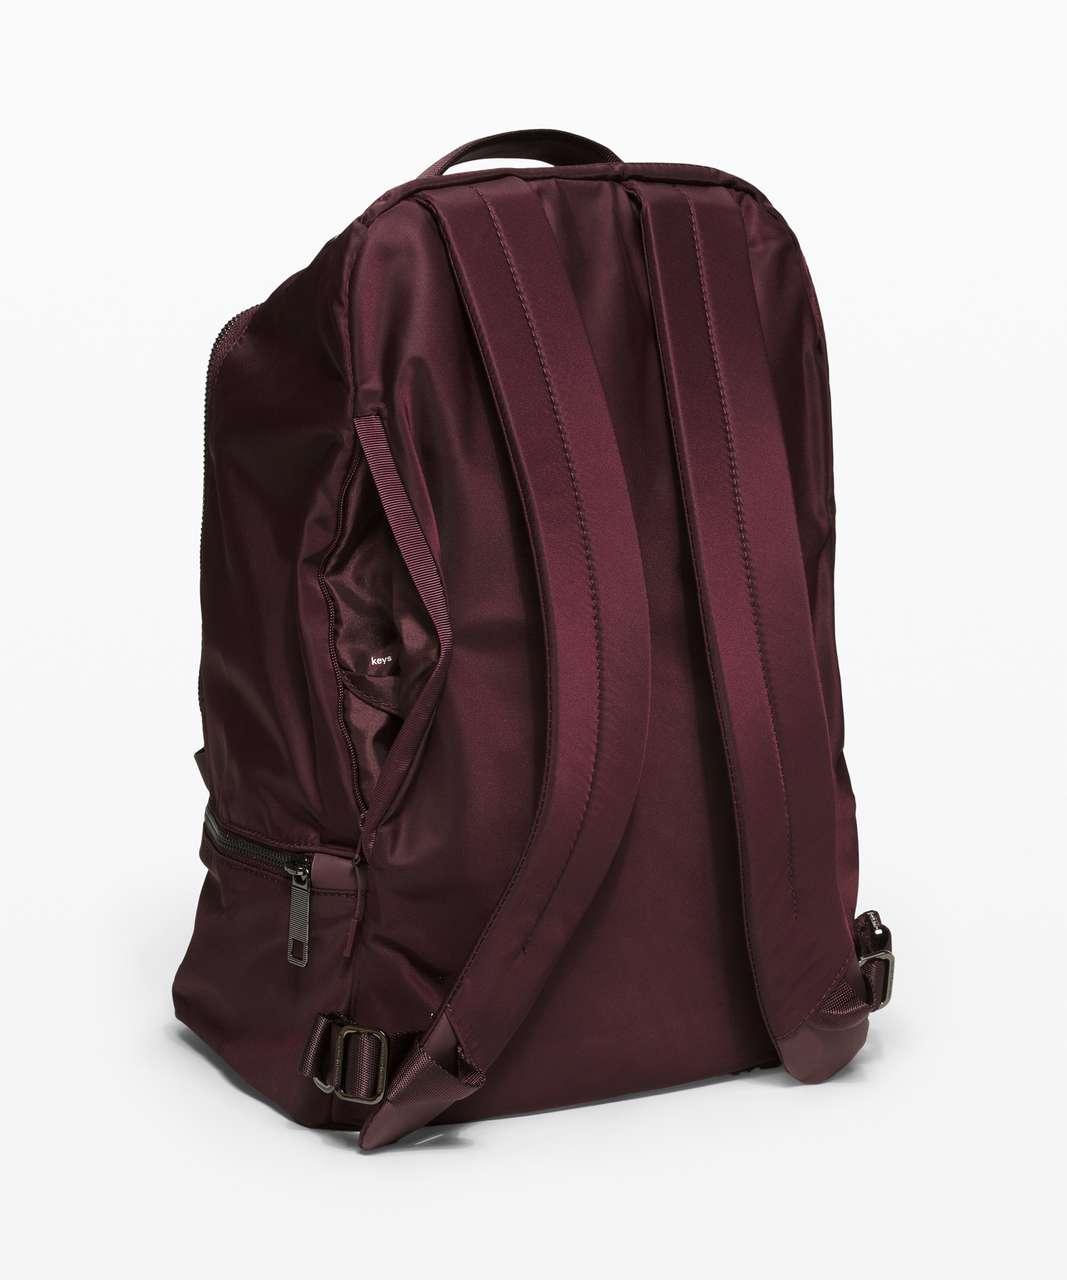 Lululemon City Adventurer Backpack *17L - Cassis (First Release)